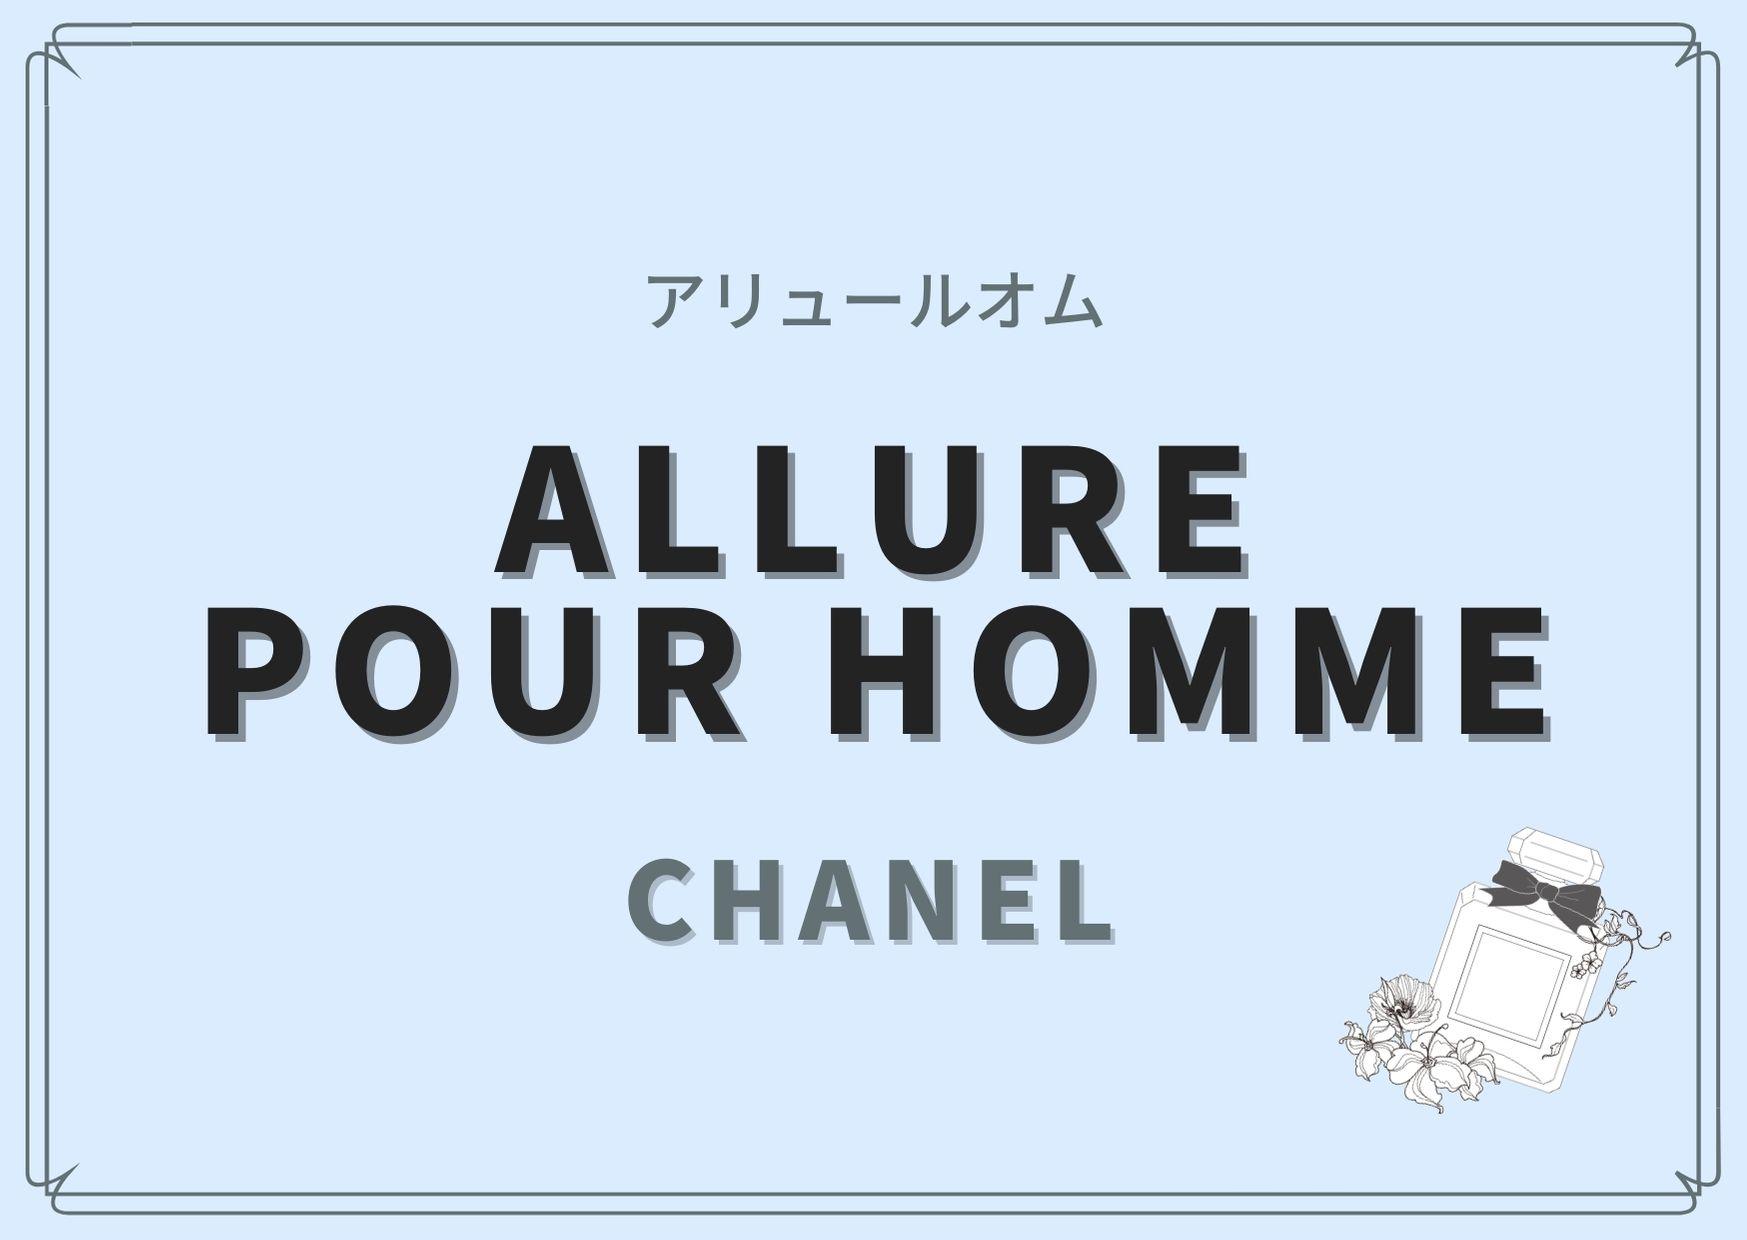 Allure Pour Homme(アリュールオム)/CHANEL(シャネル)